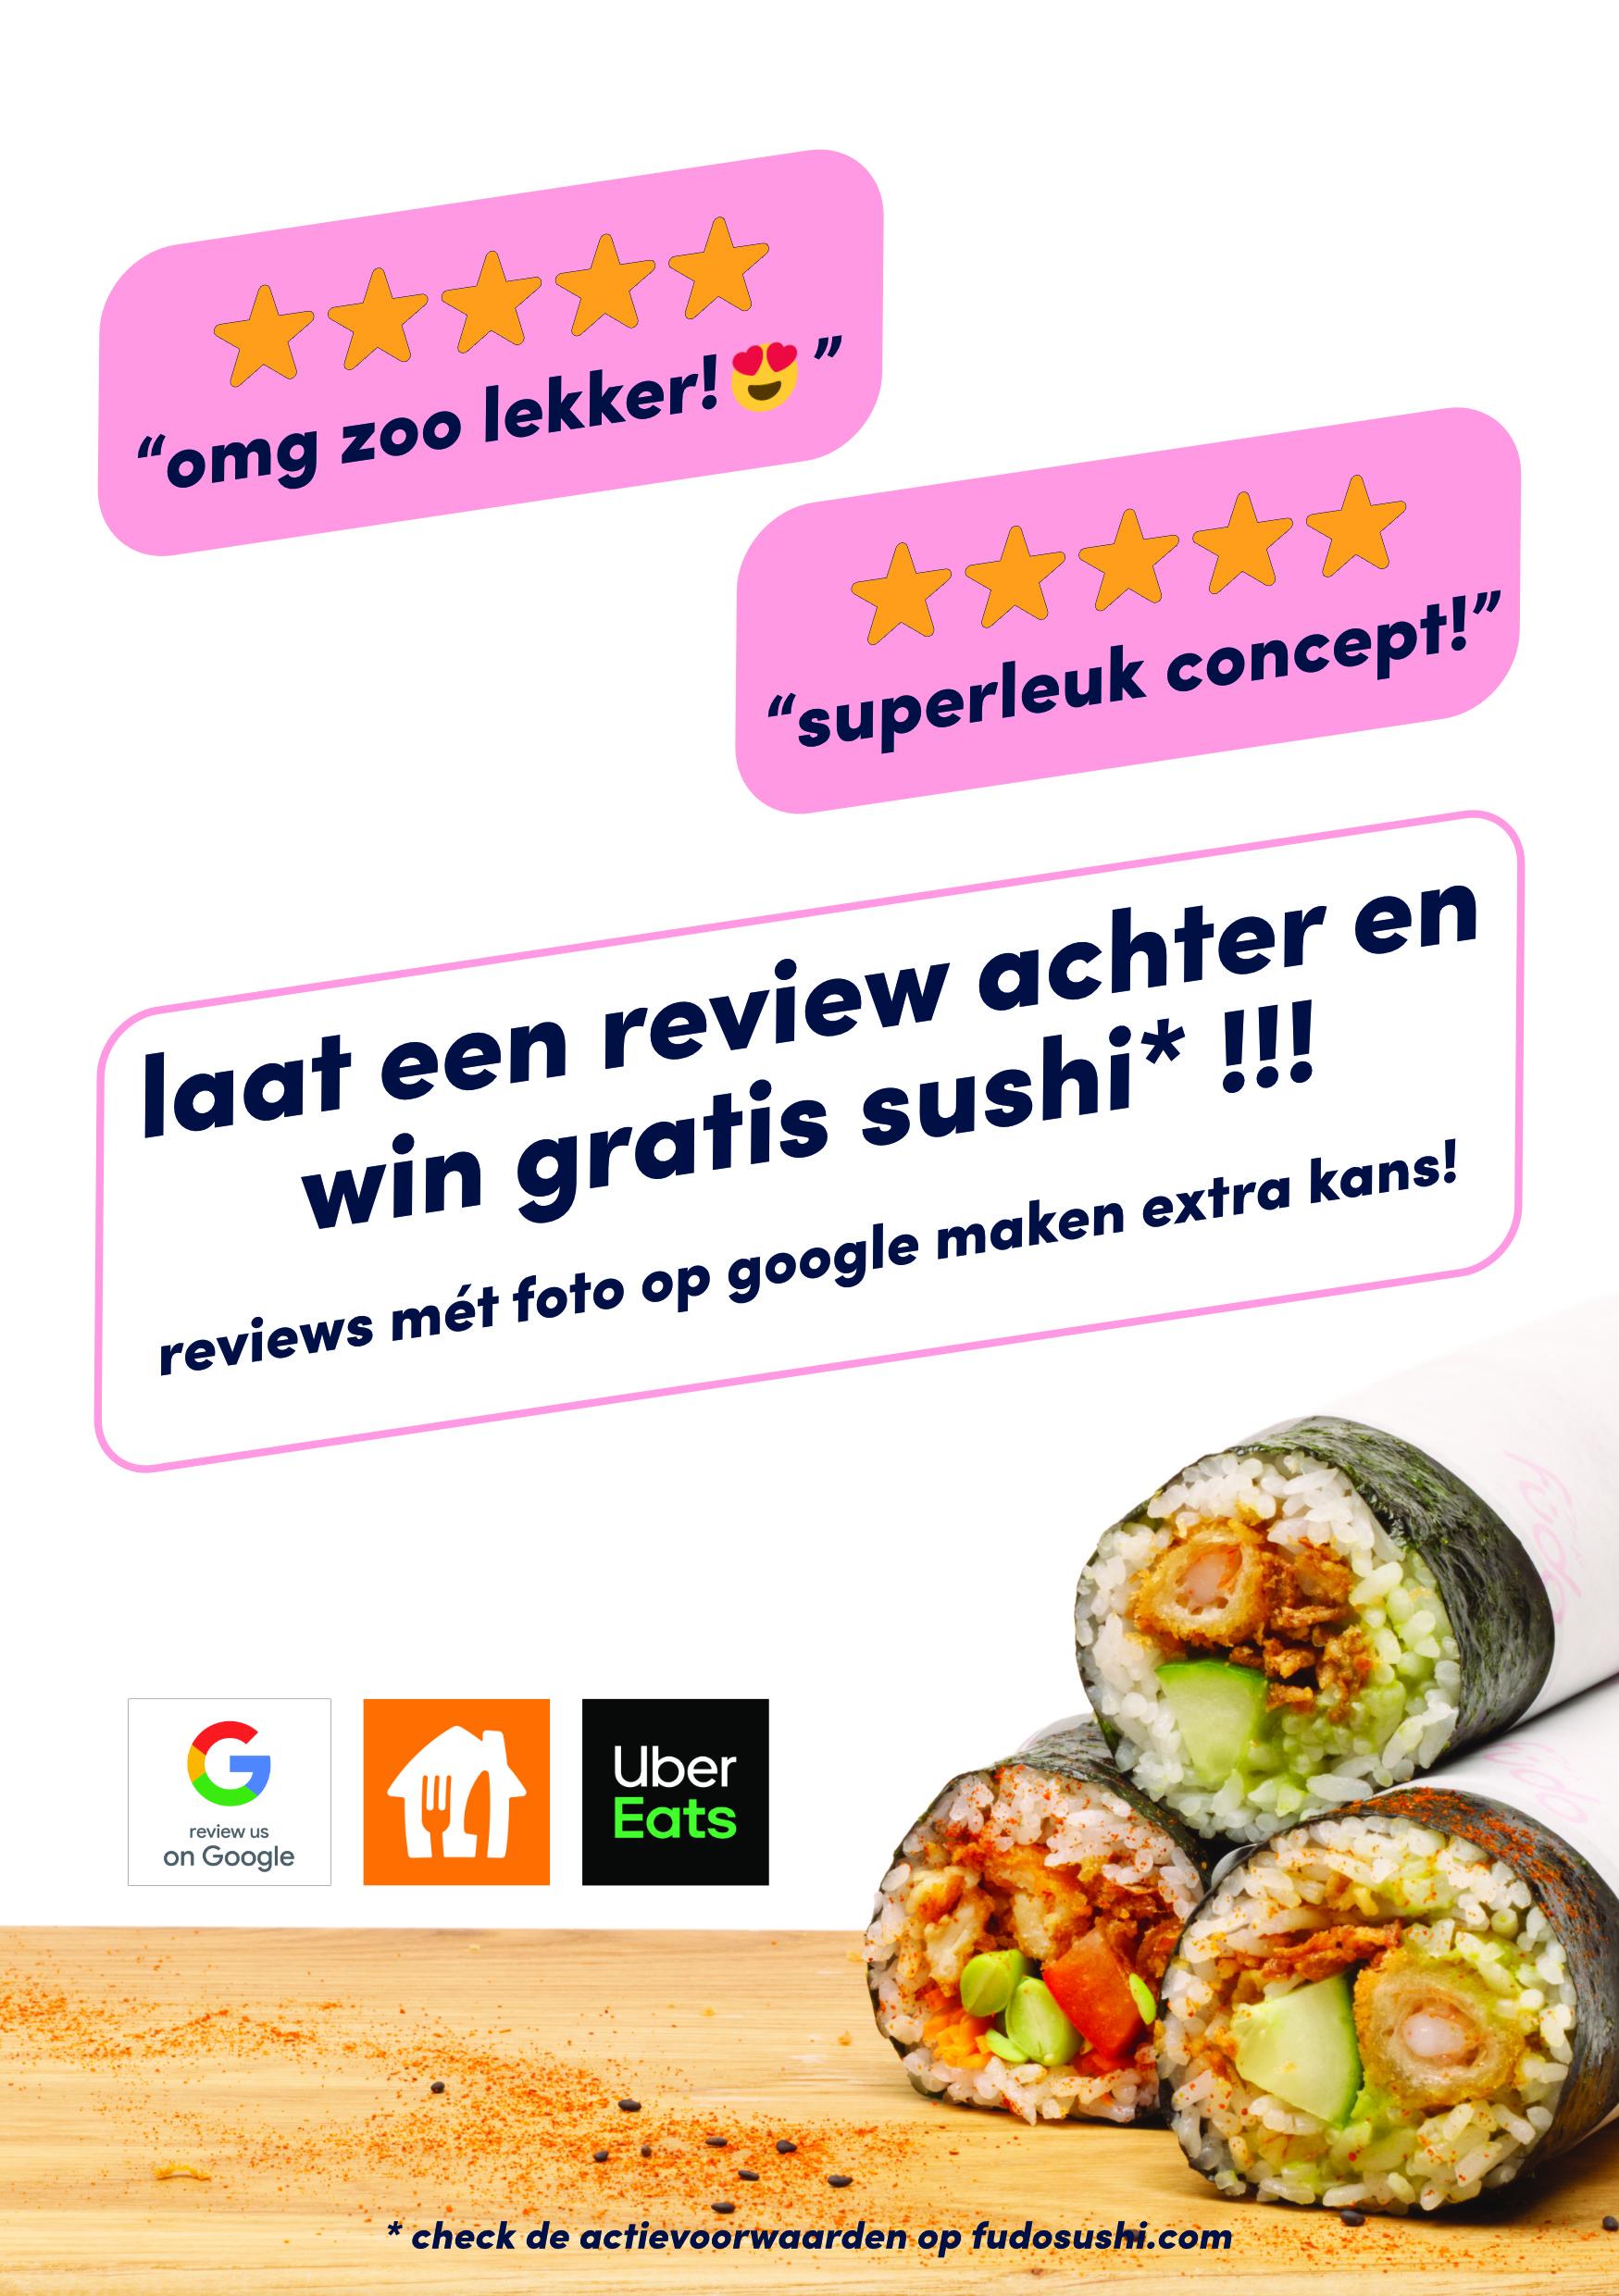 schrijf een review, win gratis sushi!